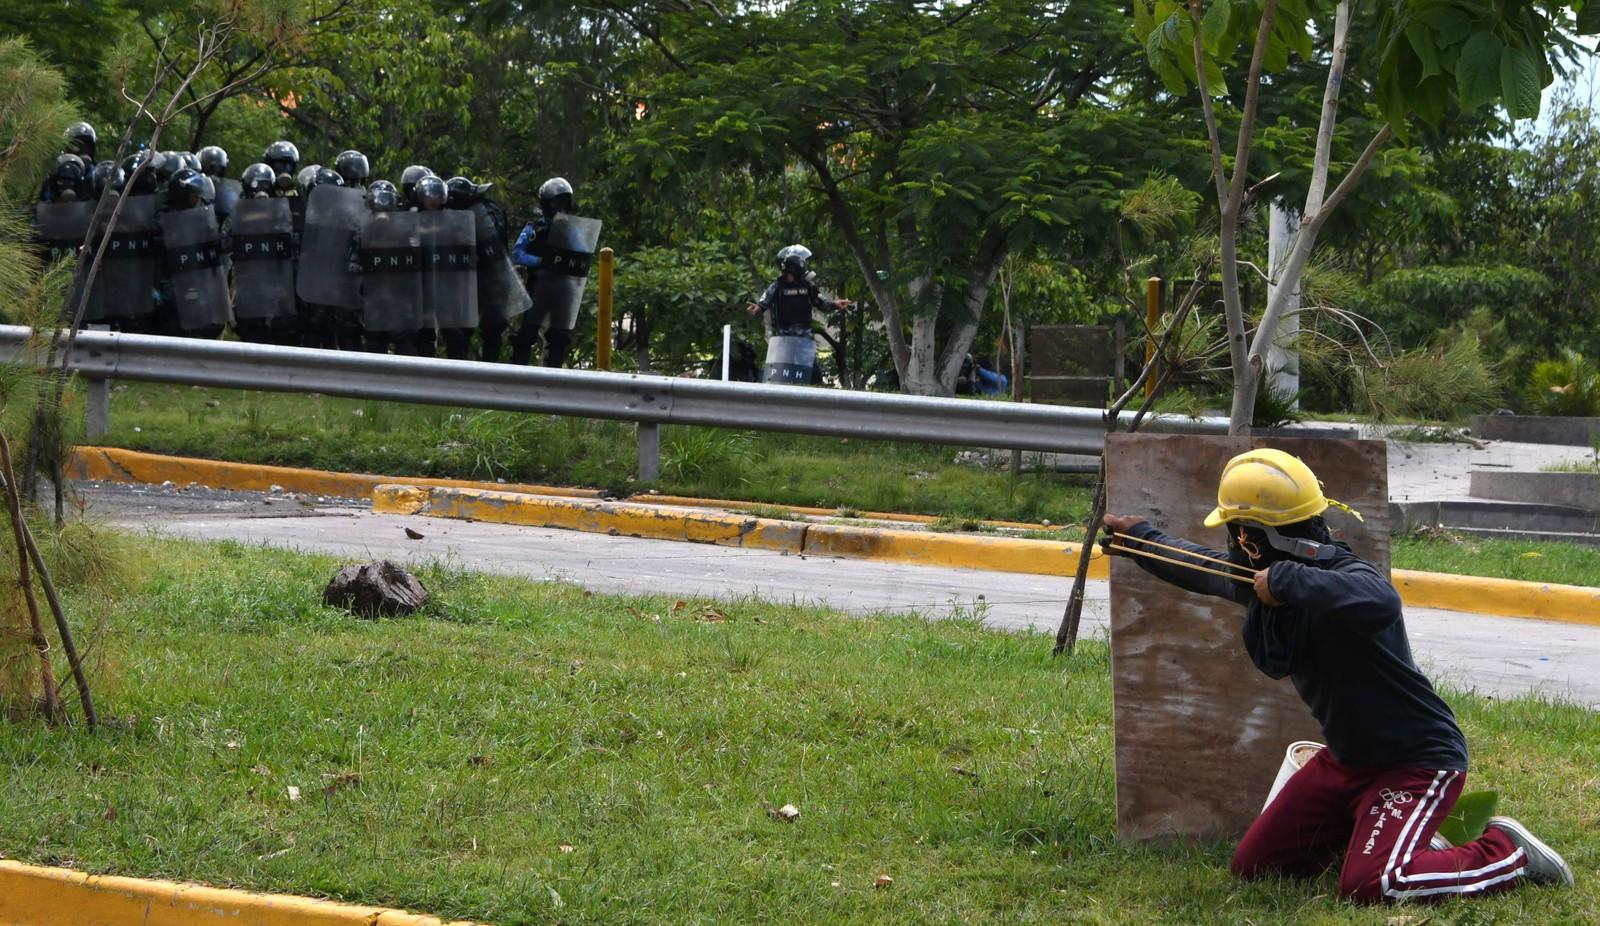 En student, bevæpnet med sprettert, sikter på opprørspolitiet under demonstrasjoner i Tegucigalpa i Honduras torsdag. Studentorganisasjonen har siden 30. juni okkupert flere bygninger ved det offentlige universitetet i Honduras (UNAH), og dermed hindret rundt 50.000 studenter fra å delta i undervisningen. Studentorganisasjonen krever blant annet at universitetets rektor Julieta Castellanos må gå av.